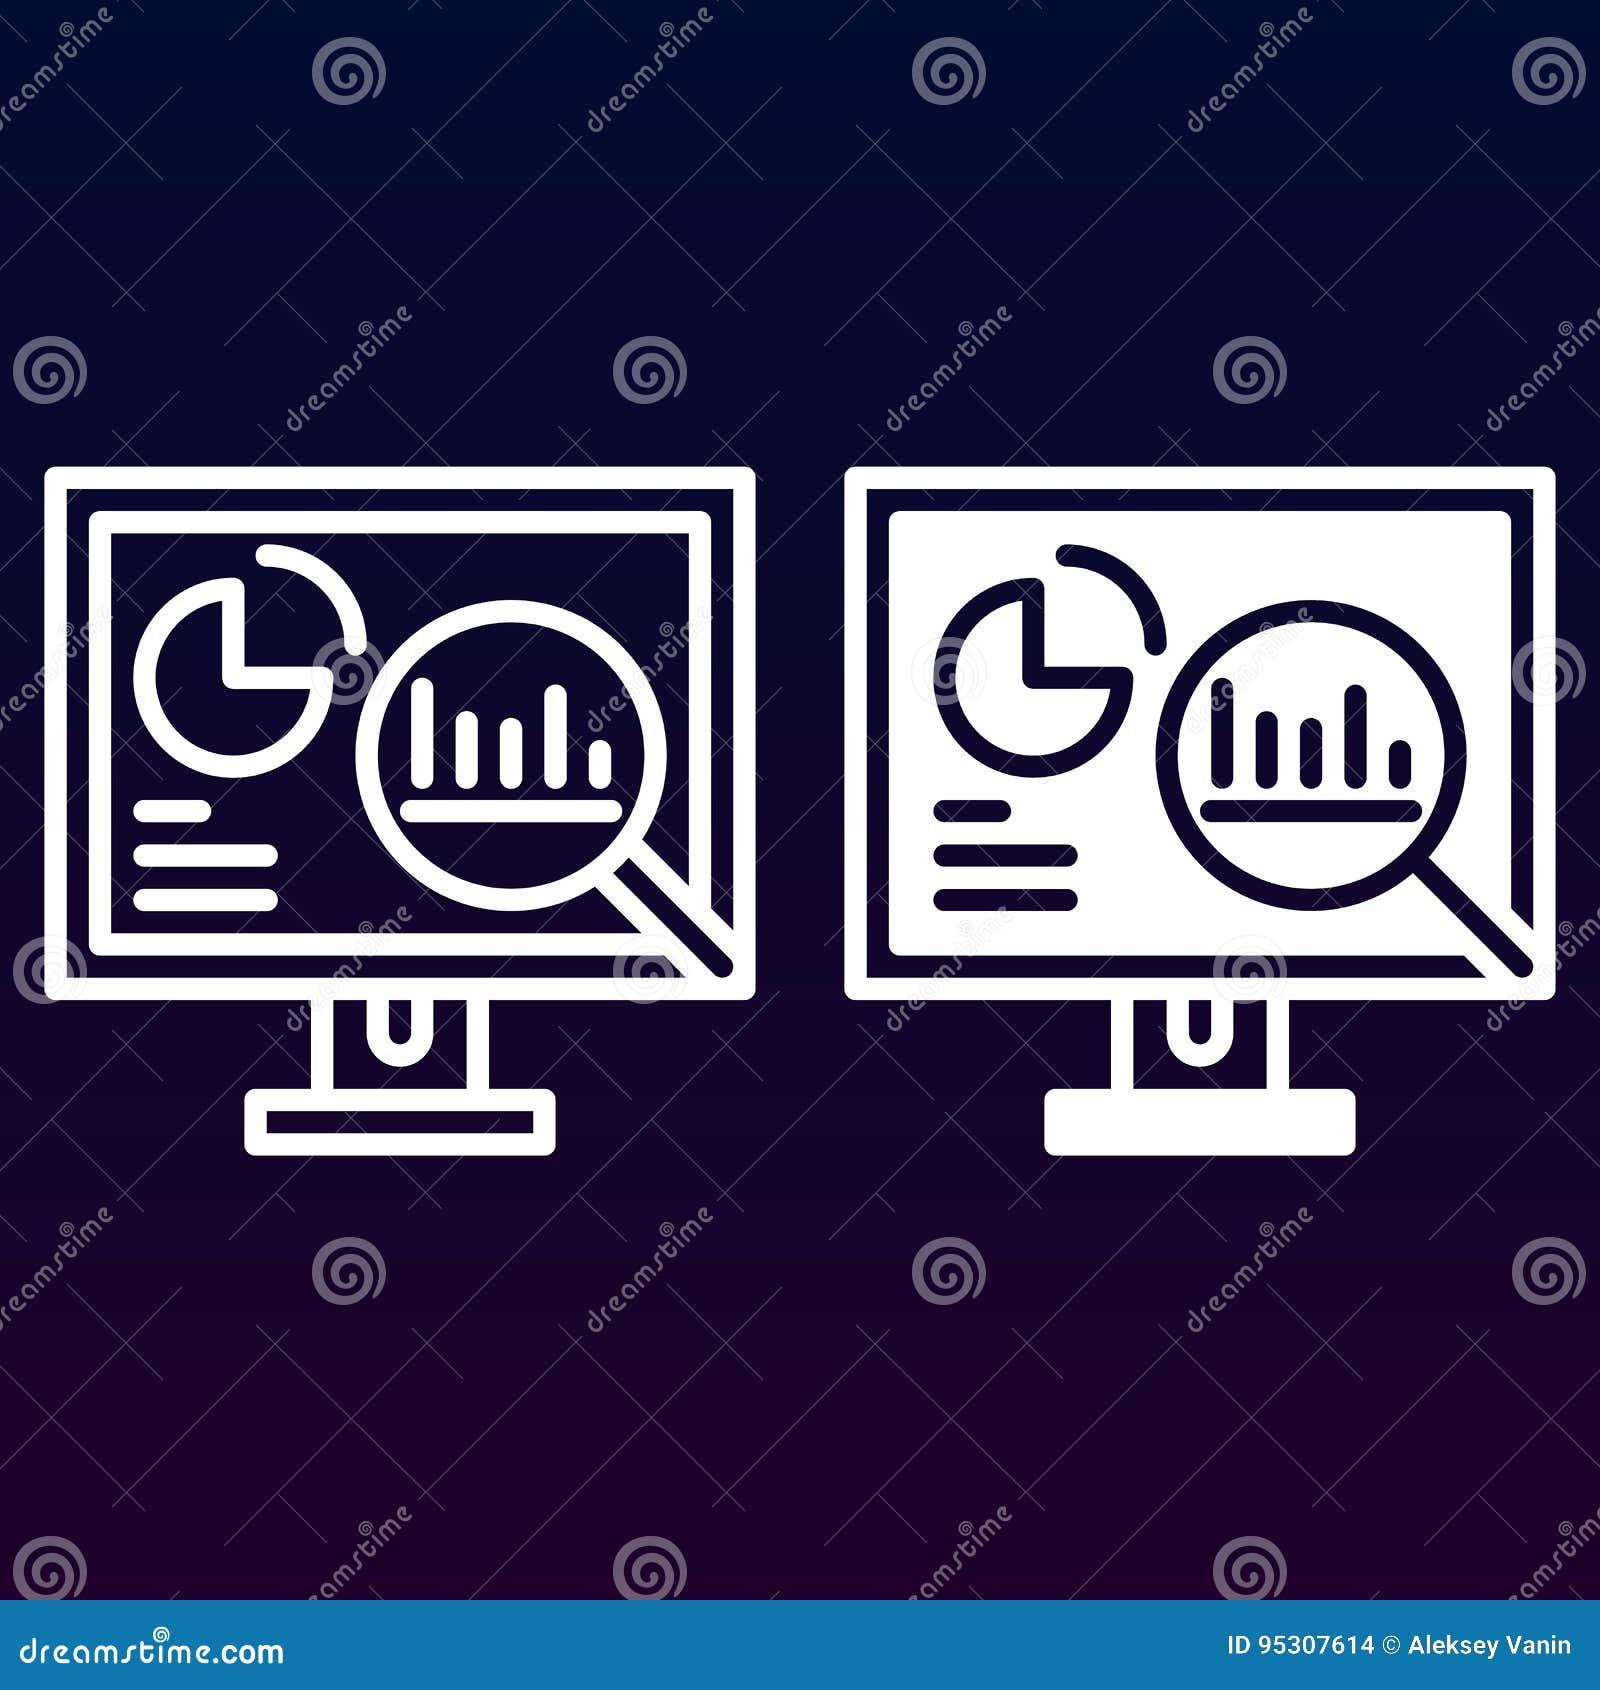 Analityka, komputer stacjonarny z, kontur i piktogram odizolowywający na bielu, wykresami kreskowymi i stałą ikoną, wypełniający